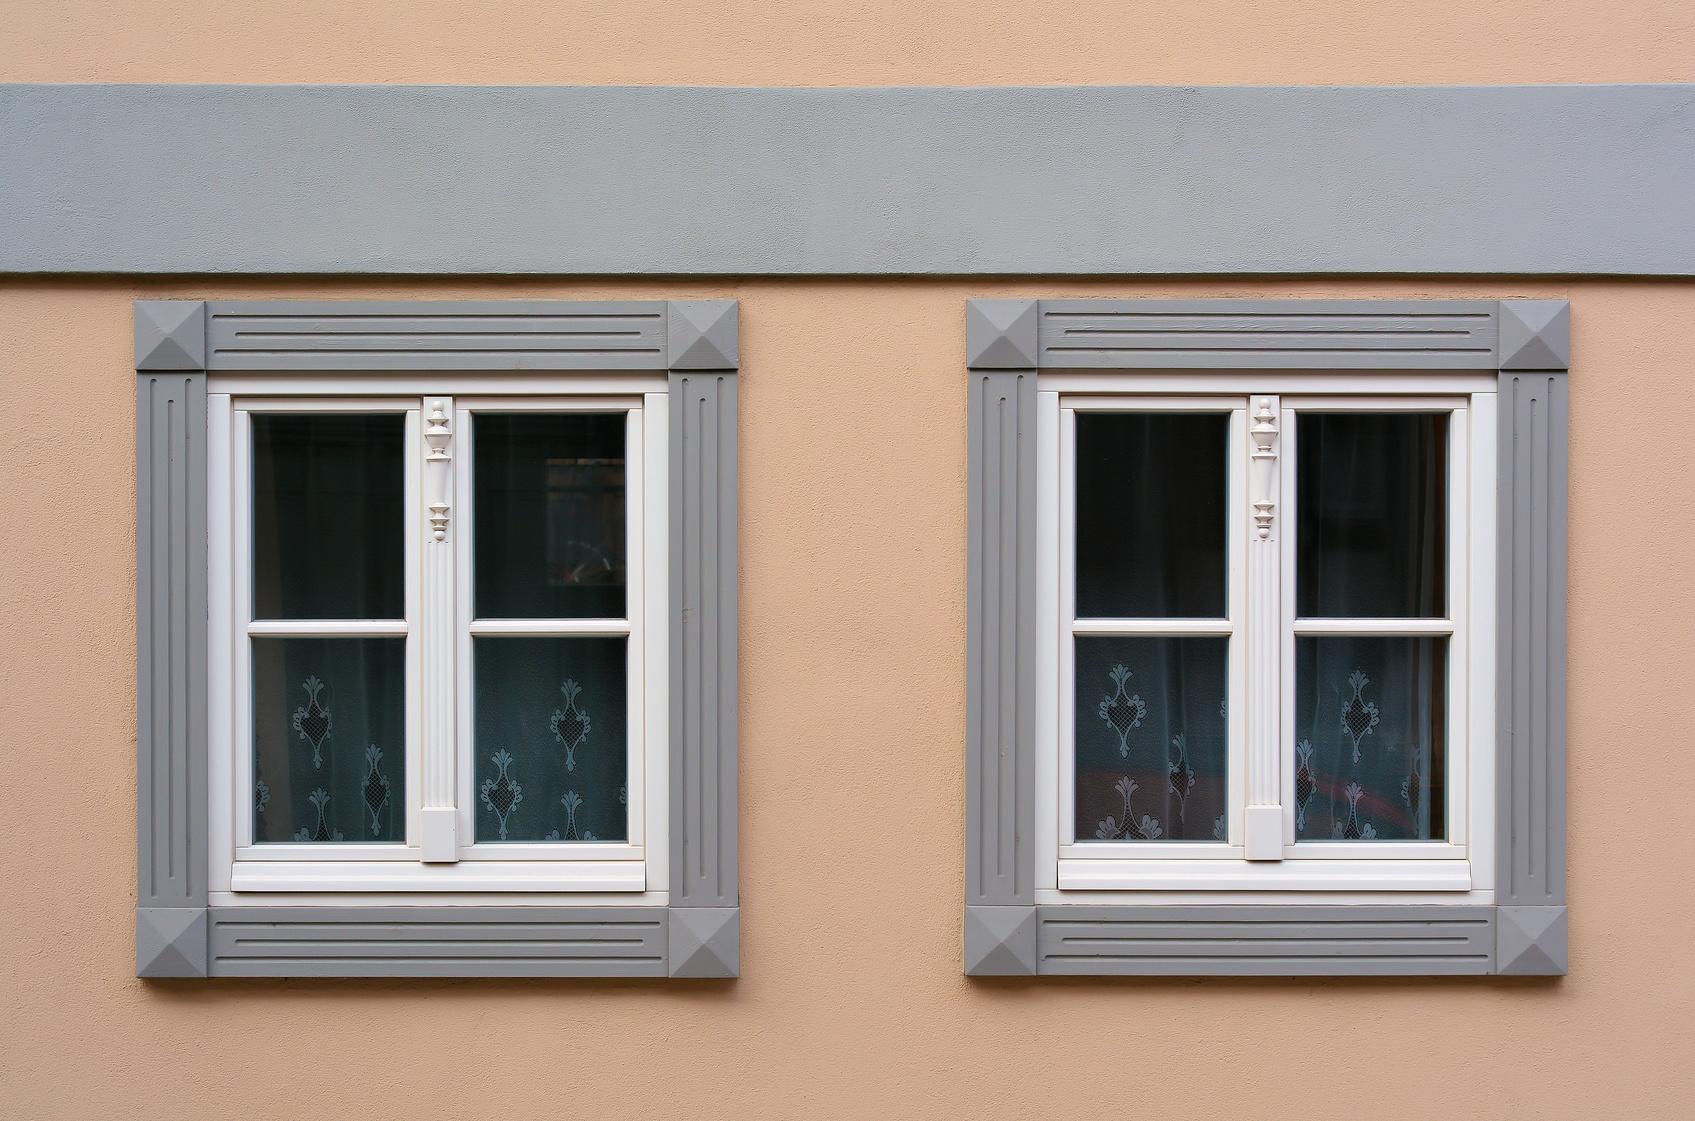 Full Size of Fenster Tauschen Fenstersprossen Nachtrglich Einbauen Einbruchschutz Pvc Alu Folie Austauschen Kosten Sonnenschutz Innen Braun Bremen Sicherheitsbeschläge Fenster Fenster Tauschen